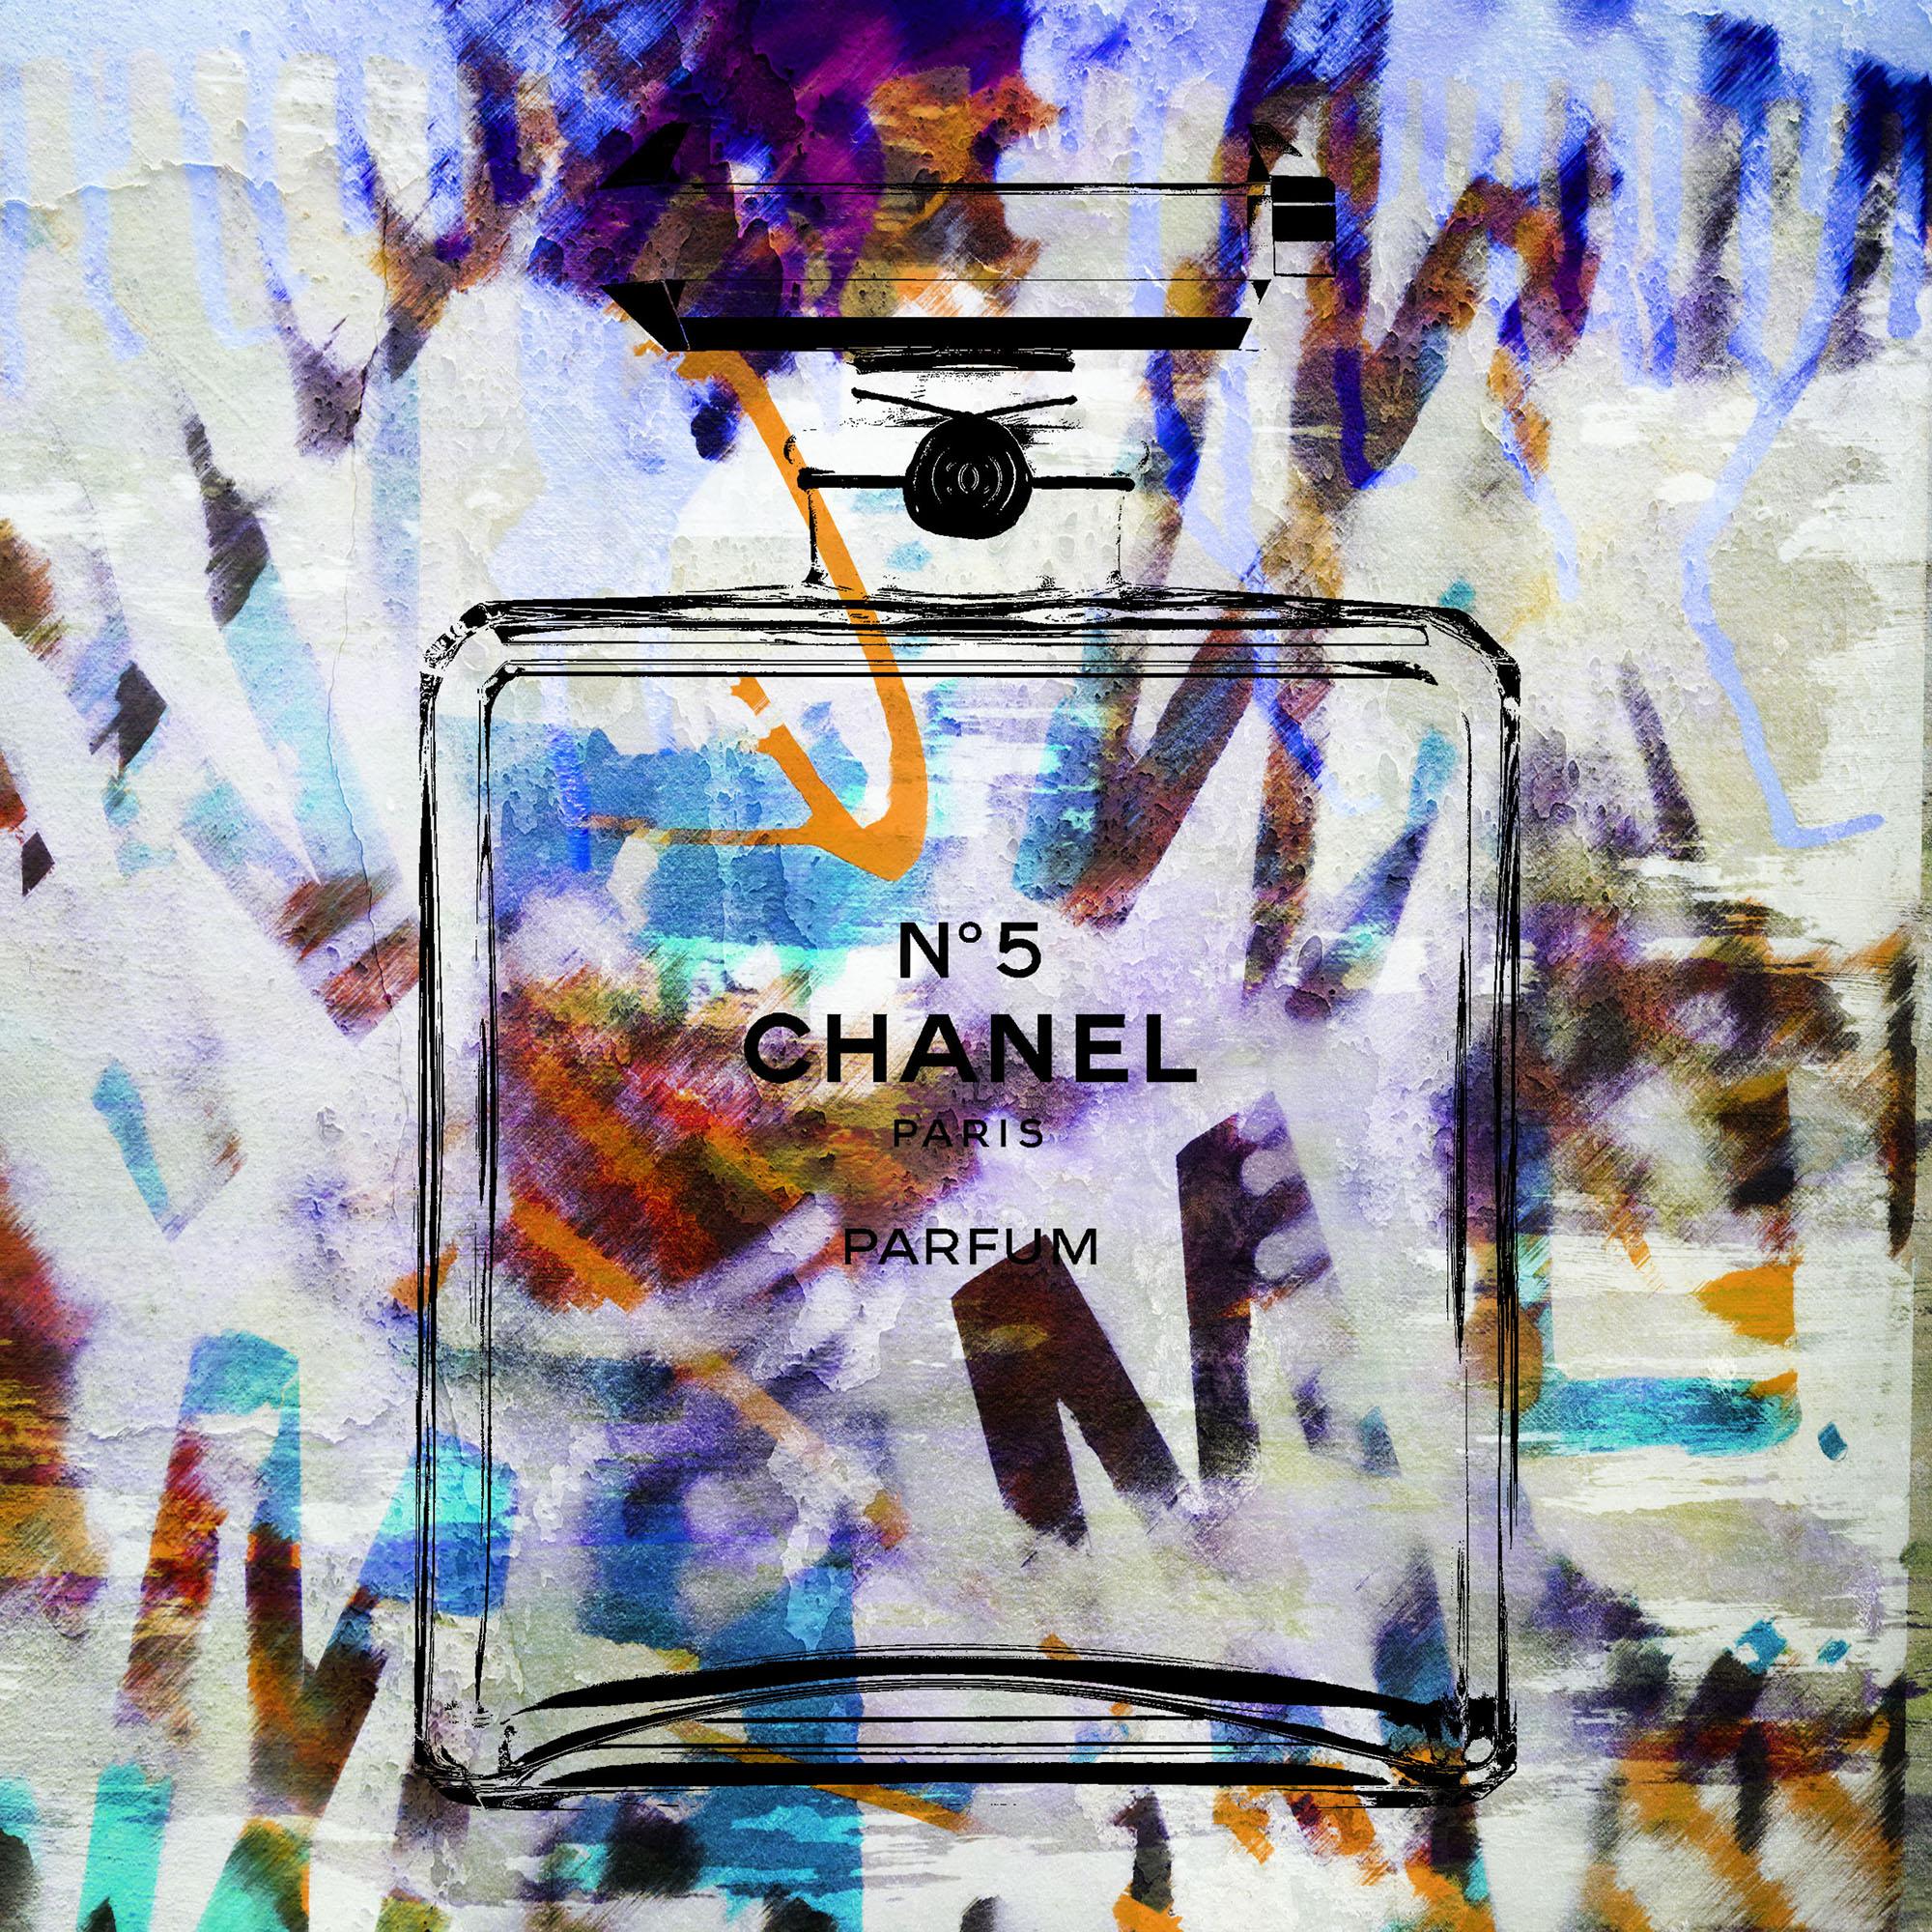 chanel3.jpg